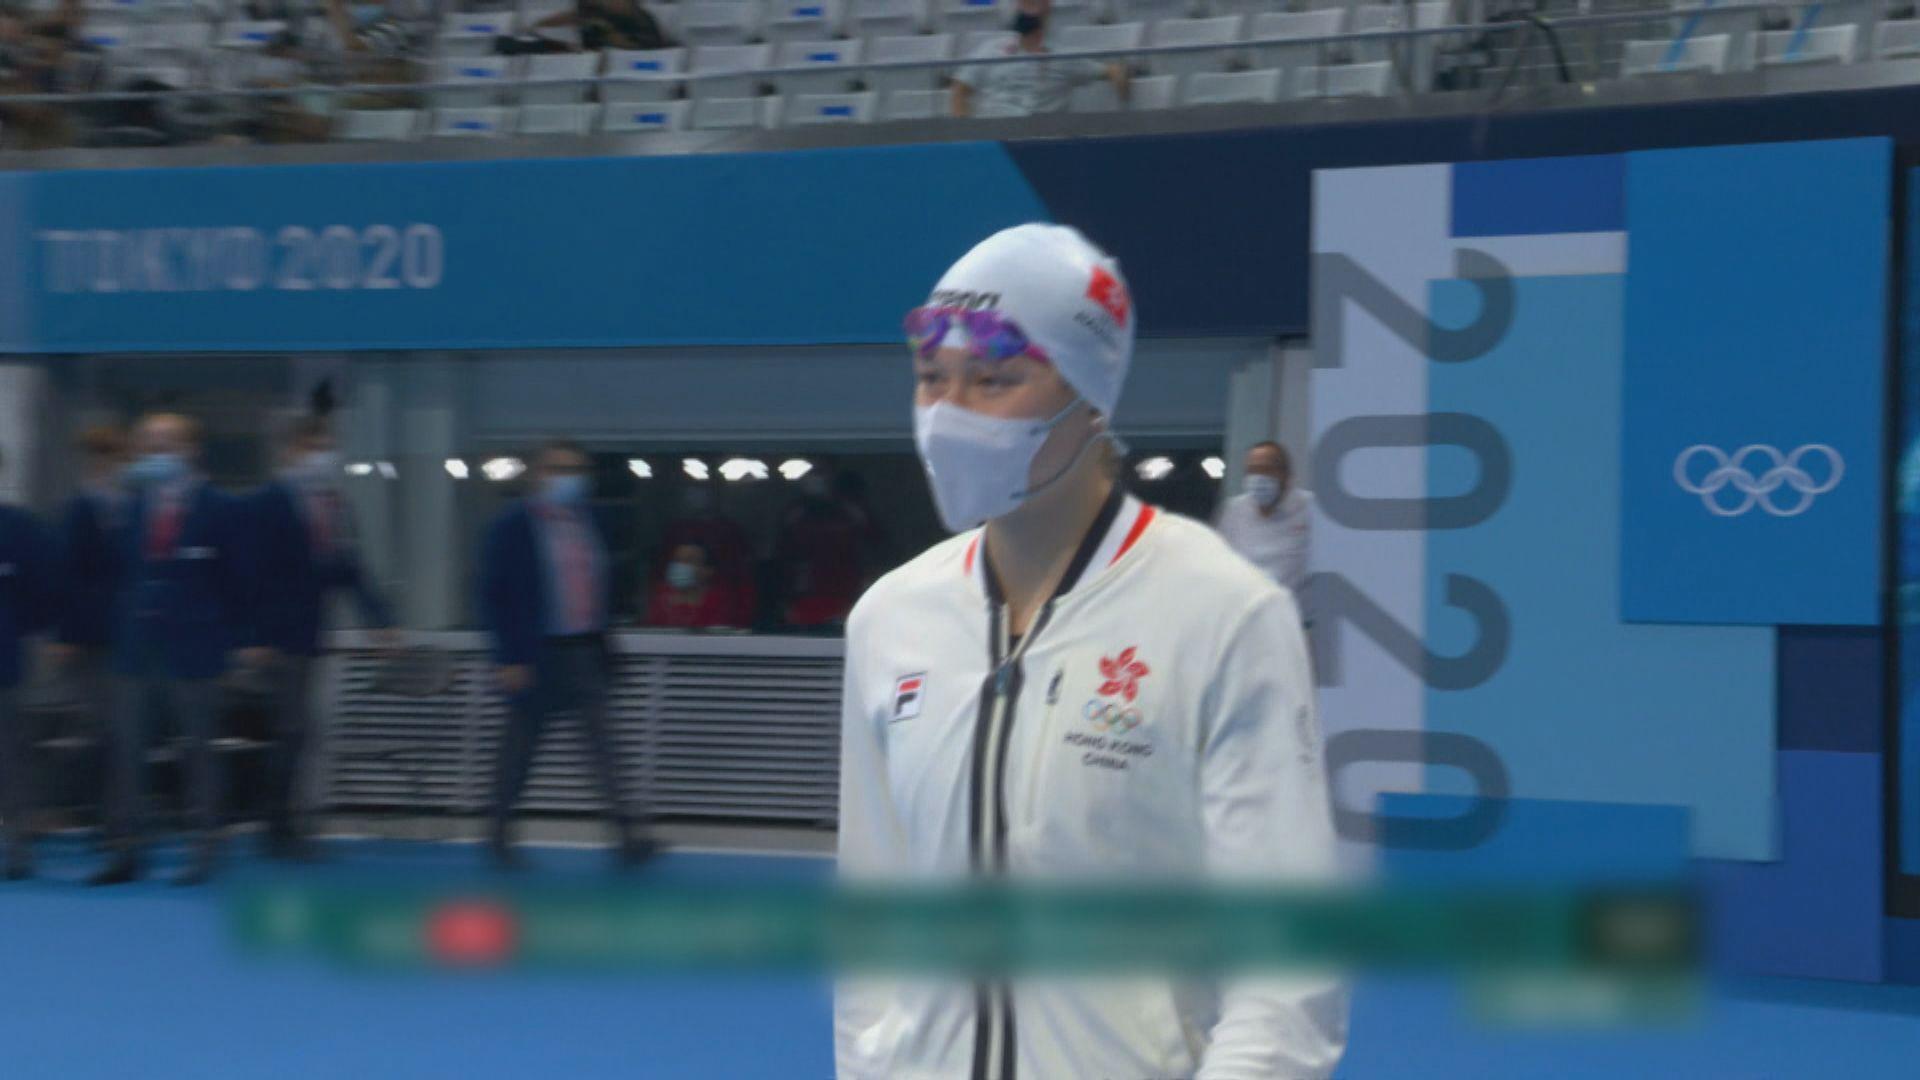 何詩蓓一百米自由泳總成績第二名入決賽 明早再爭獎牌